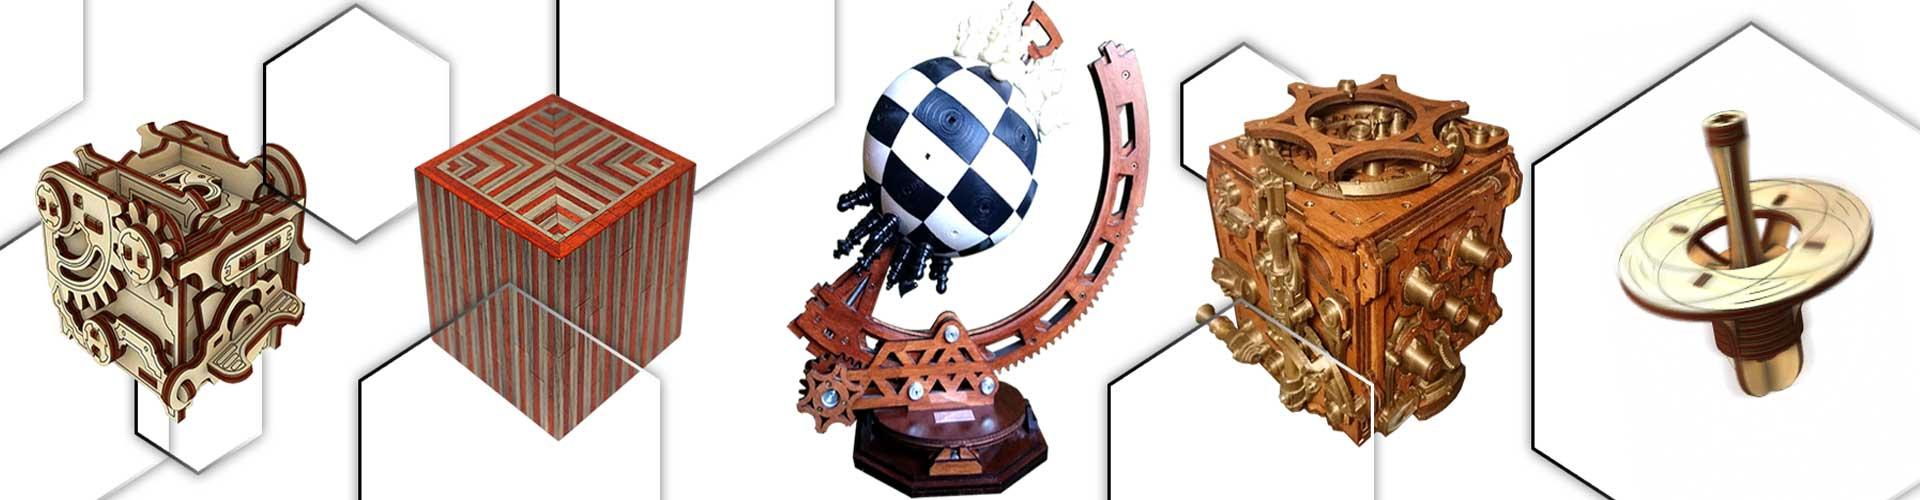 NKD Puzzle, jeux, casses-têtes, boîtes à énigmes, loisirs créatifs à lodève dans l'Hérault